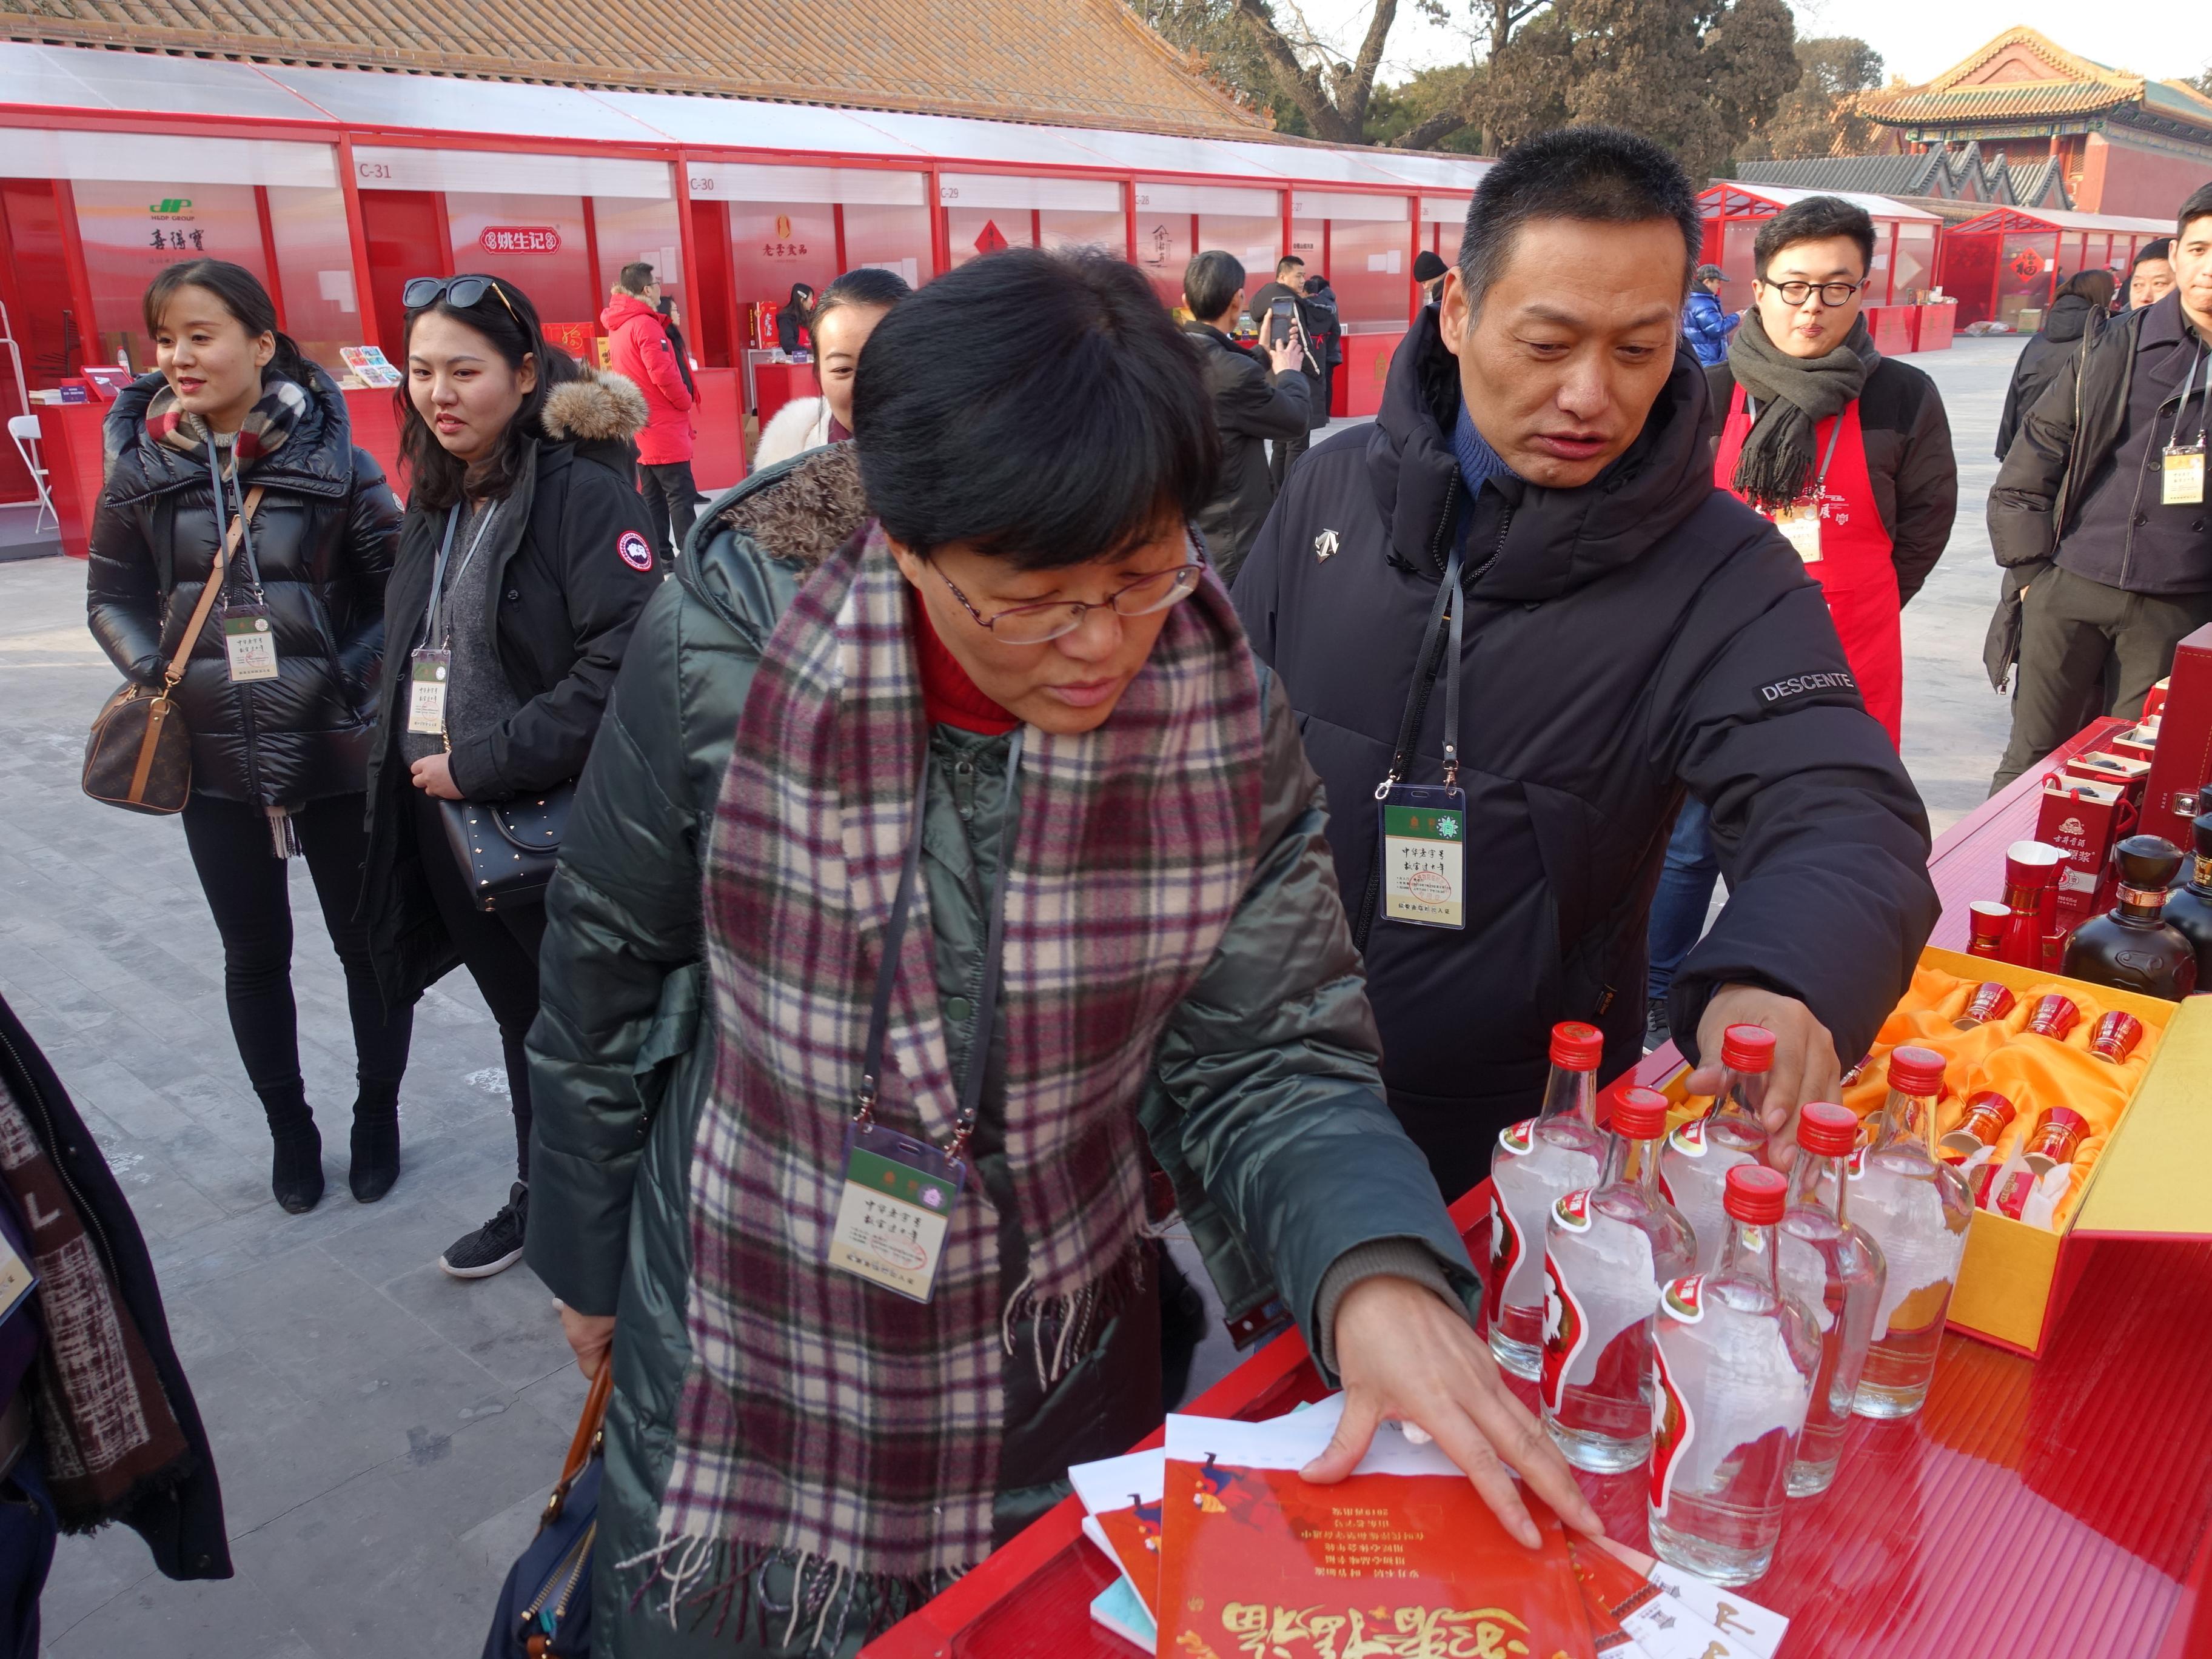 安徽省商务厅流通处处长张远琴(前排左一)与省老字号企业协会会长胡明朗(前排左二)关注古井贡酒